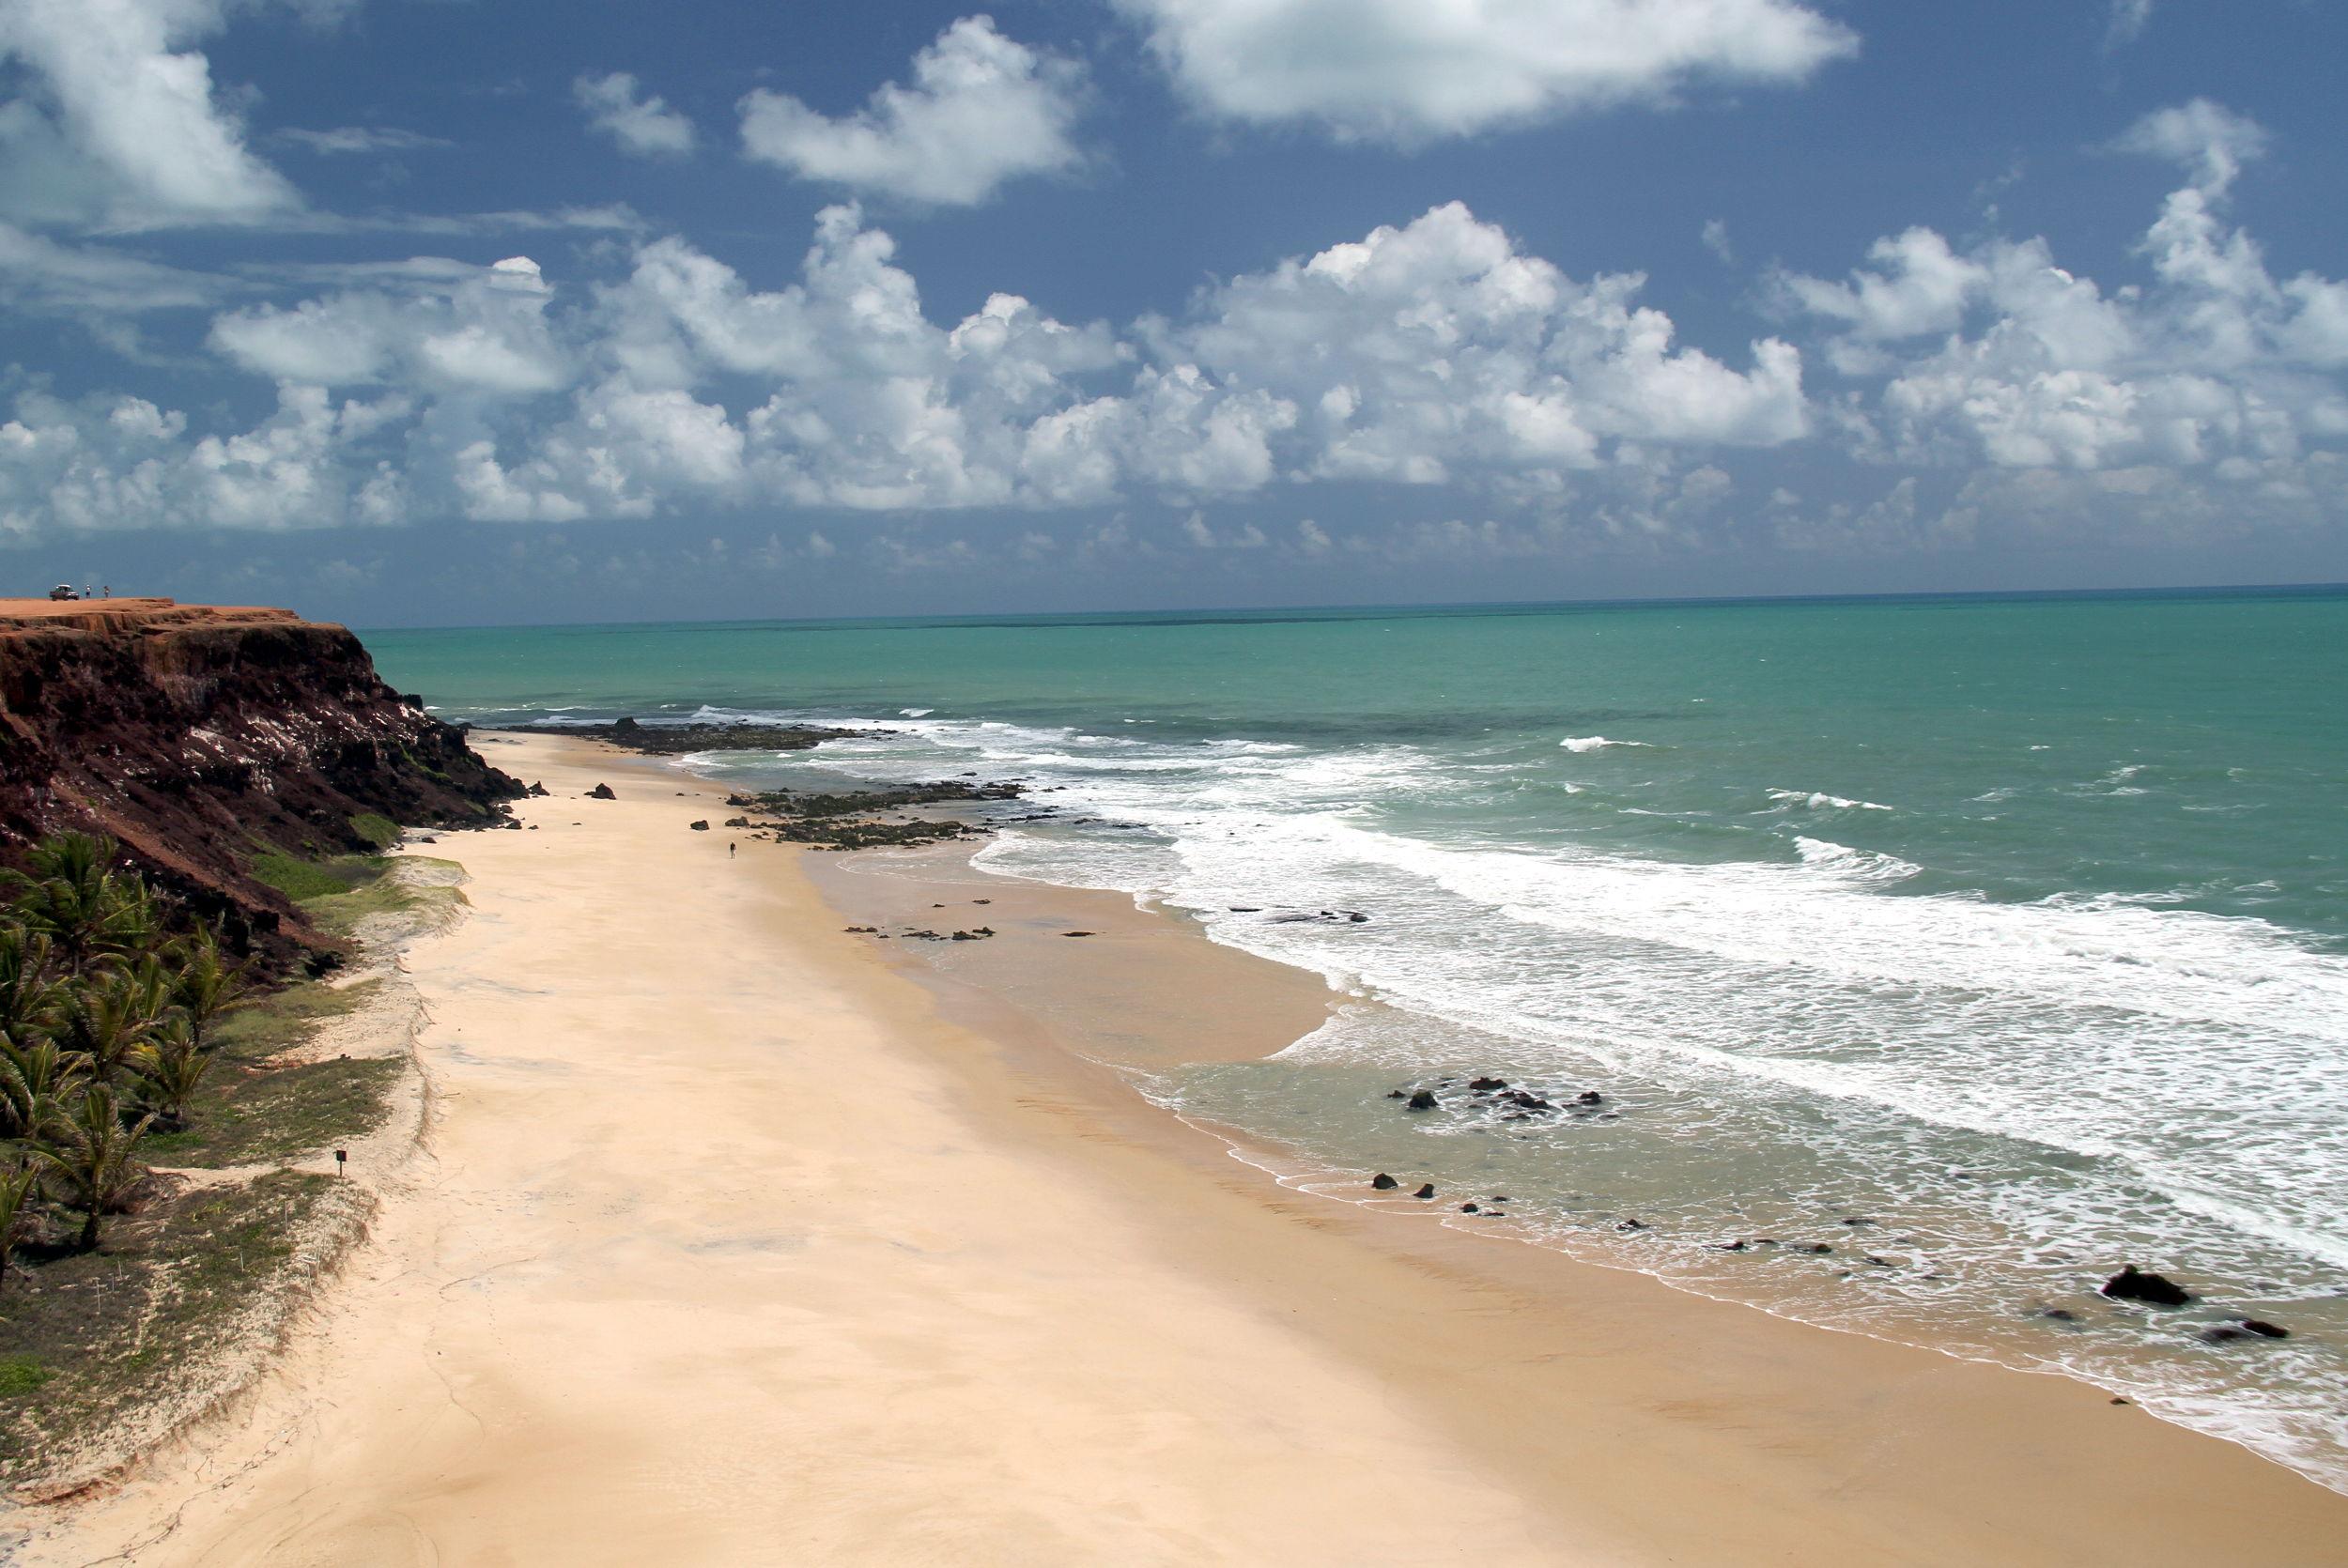 PIPA (RN): Localizada a quase 90 km ao sul de Natal, no município de Tibau do Sul, a cidade surgiu como destino dos viajantes alternativos, nos anos 70, e hoje abriga algumas das praias mais famosas do litoral nordestino. Em Pipa, o melhor fica do lado de fora e é de graça: falésias, praias de águas calmas recortadas por piscinas naturais e trechos preservados de Mata Atlântica são alguns dos atrativos naturais da região (foto: Eduardo Vessoni)